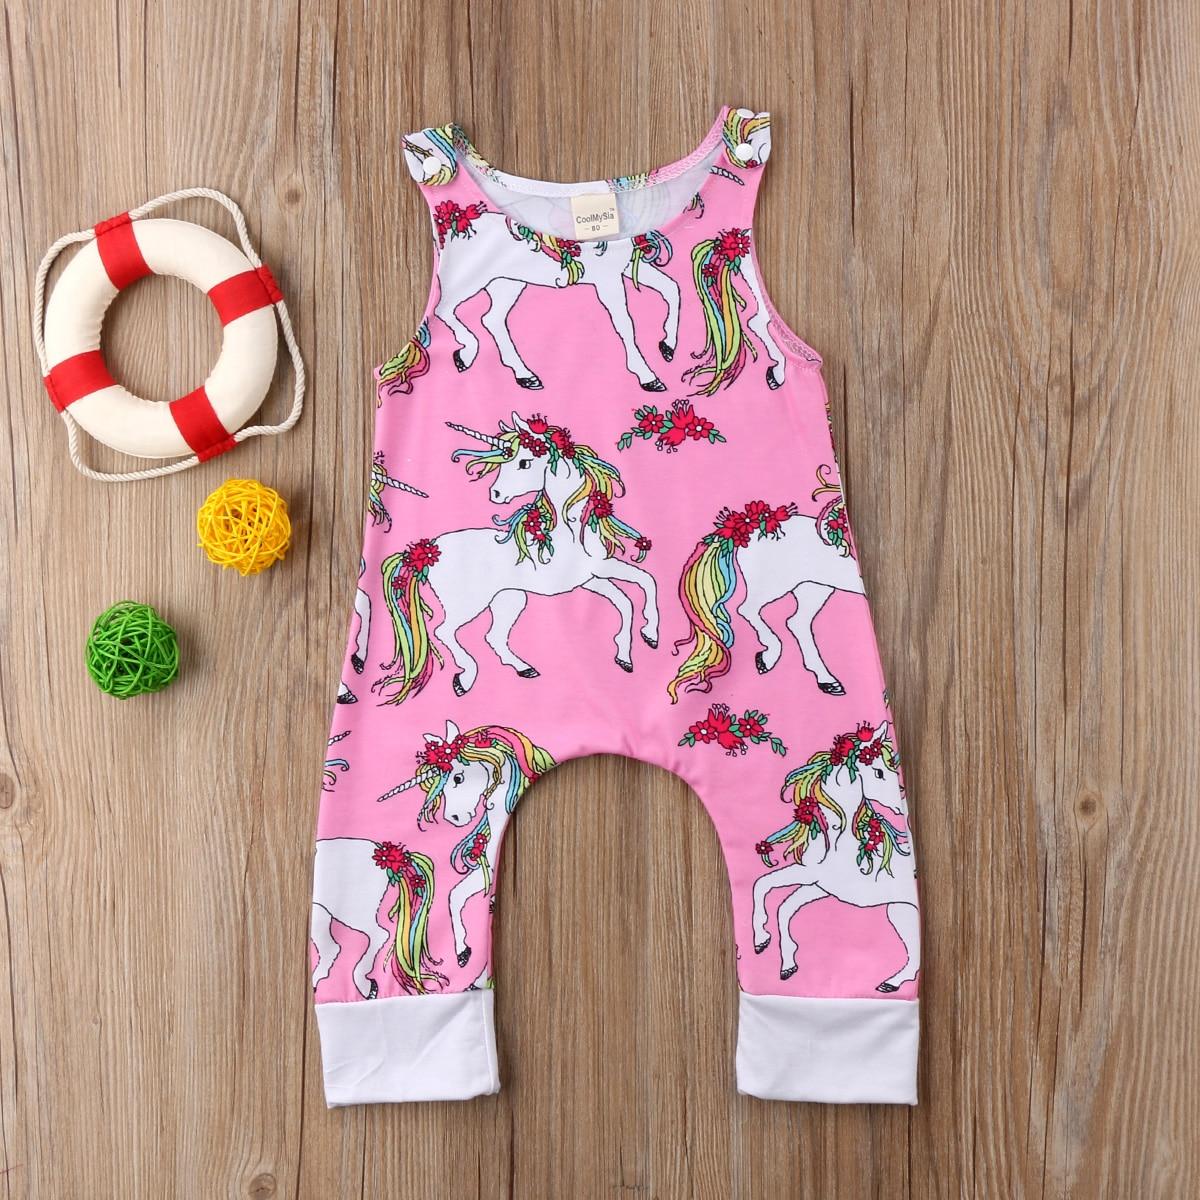 2018 Focusnorm Sommer Newborn Kinder Baby Baumwolle Einhorn Floral Sleeveless Strampler Outfit Kleidung Chinesische Aromen Besitzen